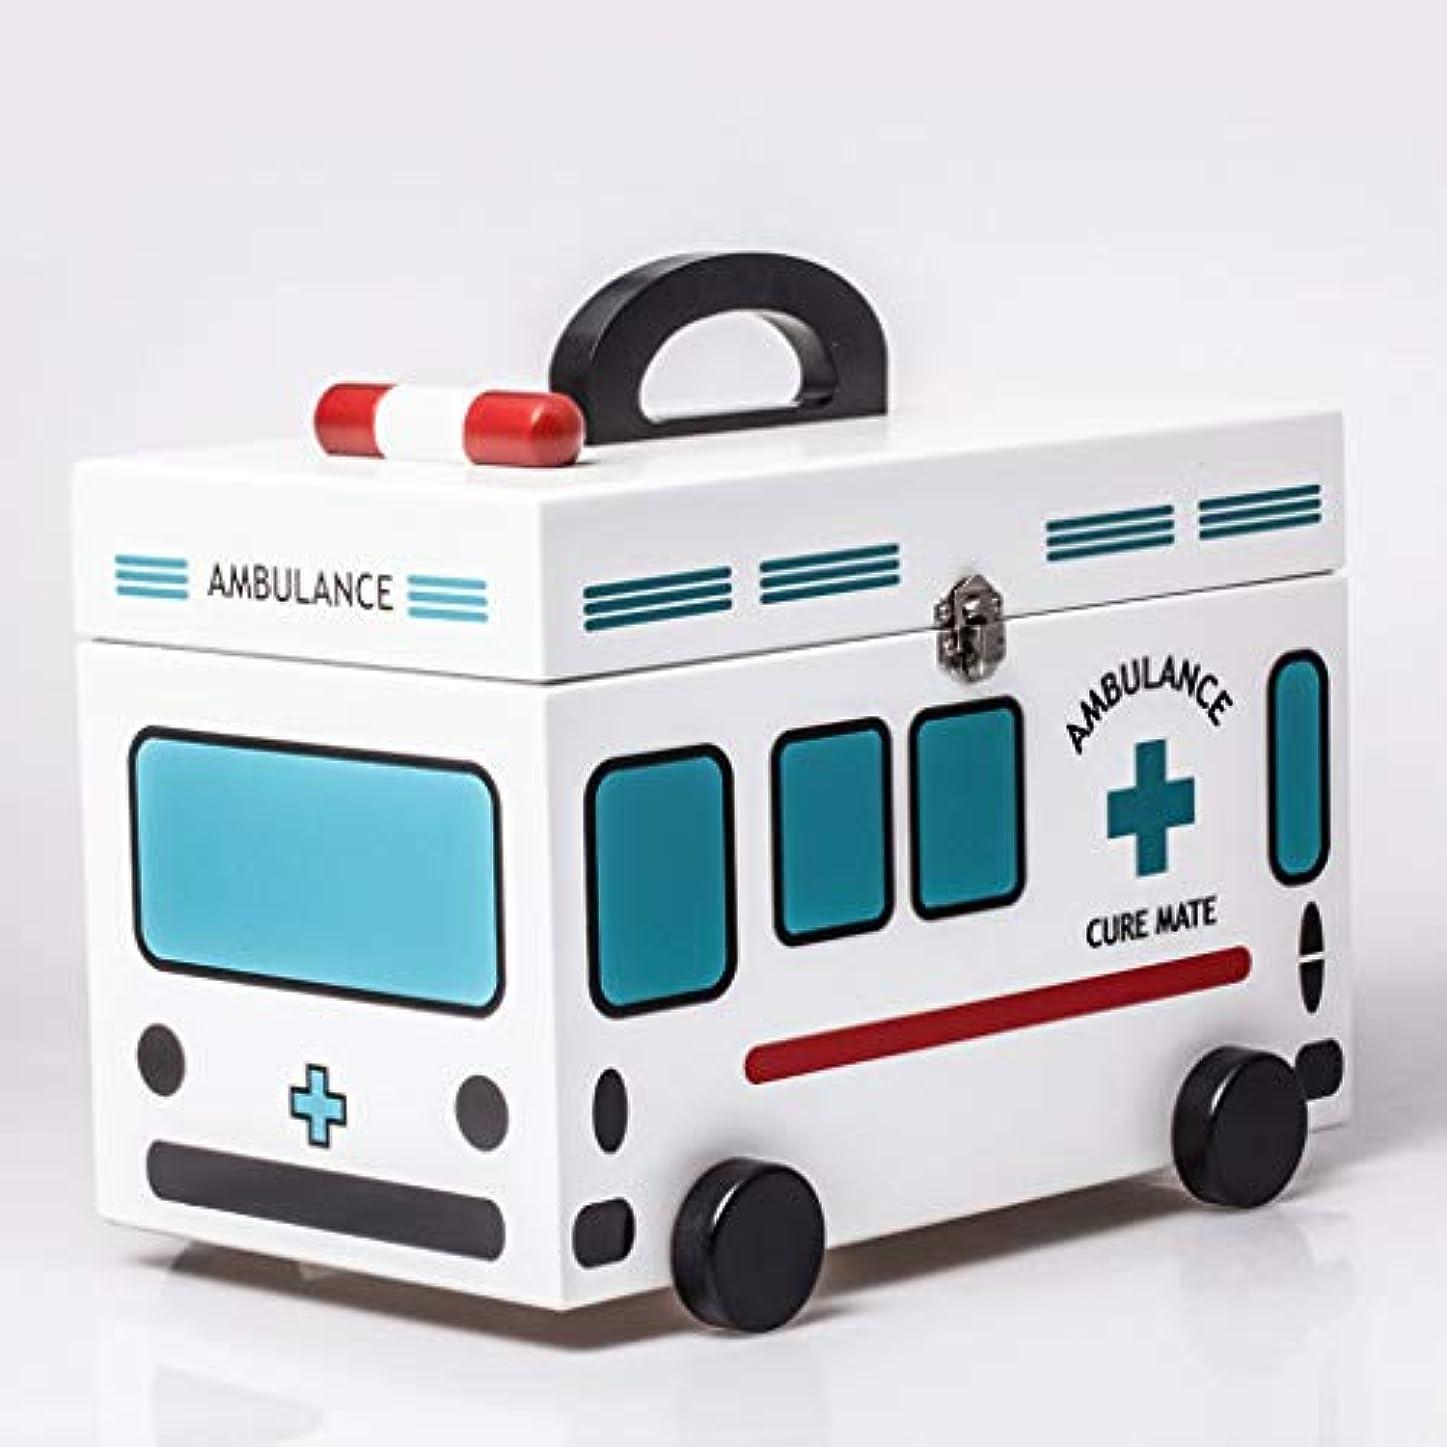 建設非公式睡眠CQ 家庭医学ボックスベビーチャイルドケアストレージボックス応急処置ボックスブルーメディカルボックスファミリー小さな医学ボックス木製